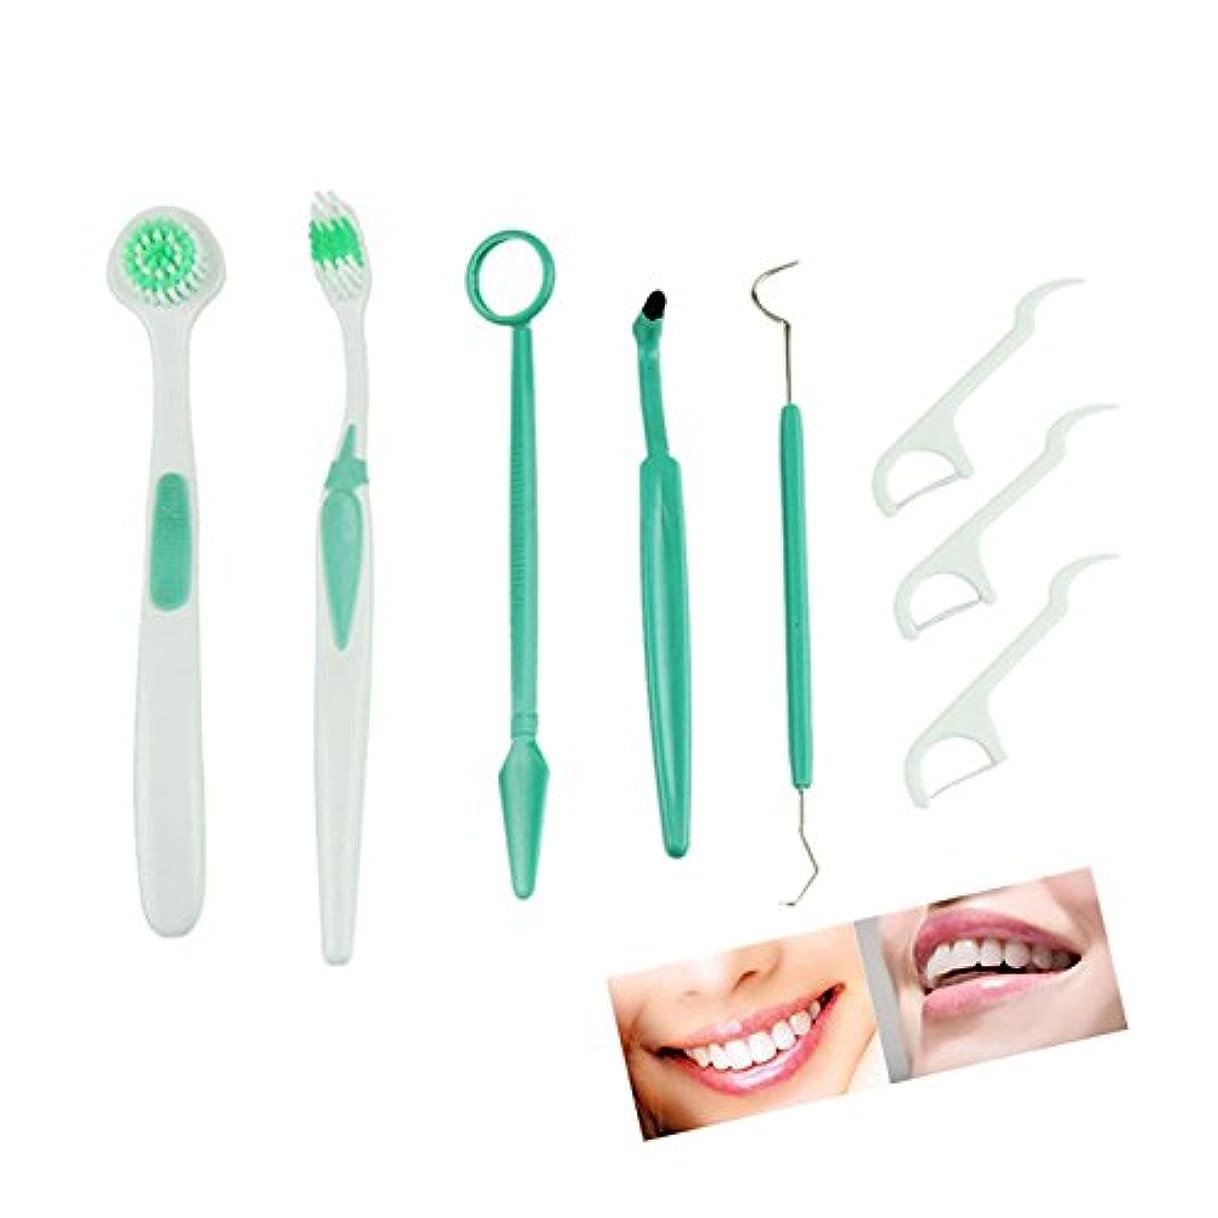 正確さ投資バングラデシュJicorzo - オーラルケア歯磨剤スケーリングスーツアメニティ舌クリーナーのために1セット